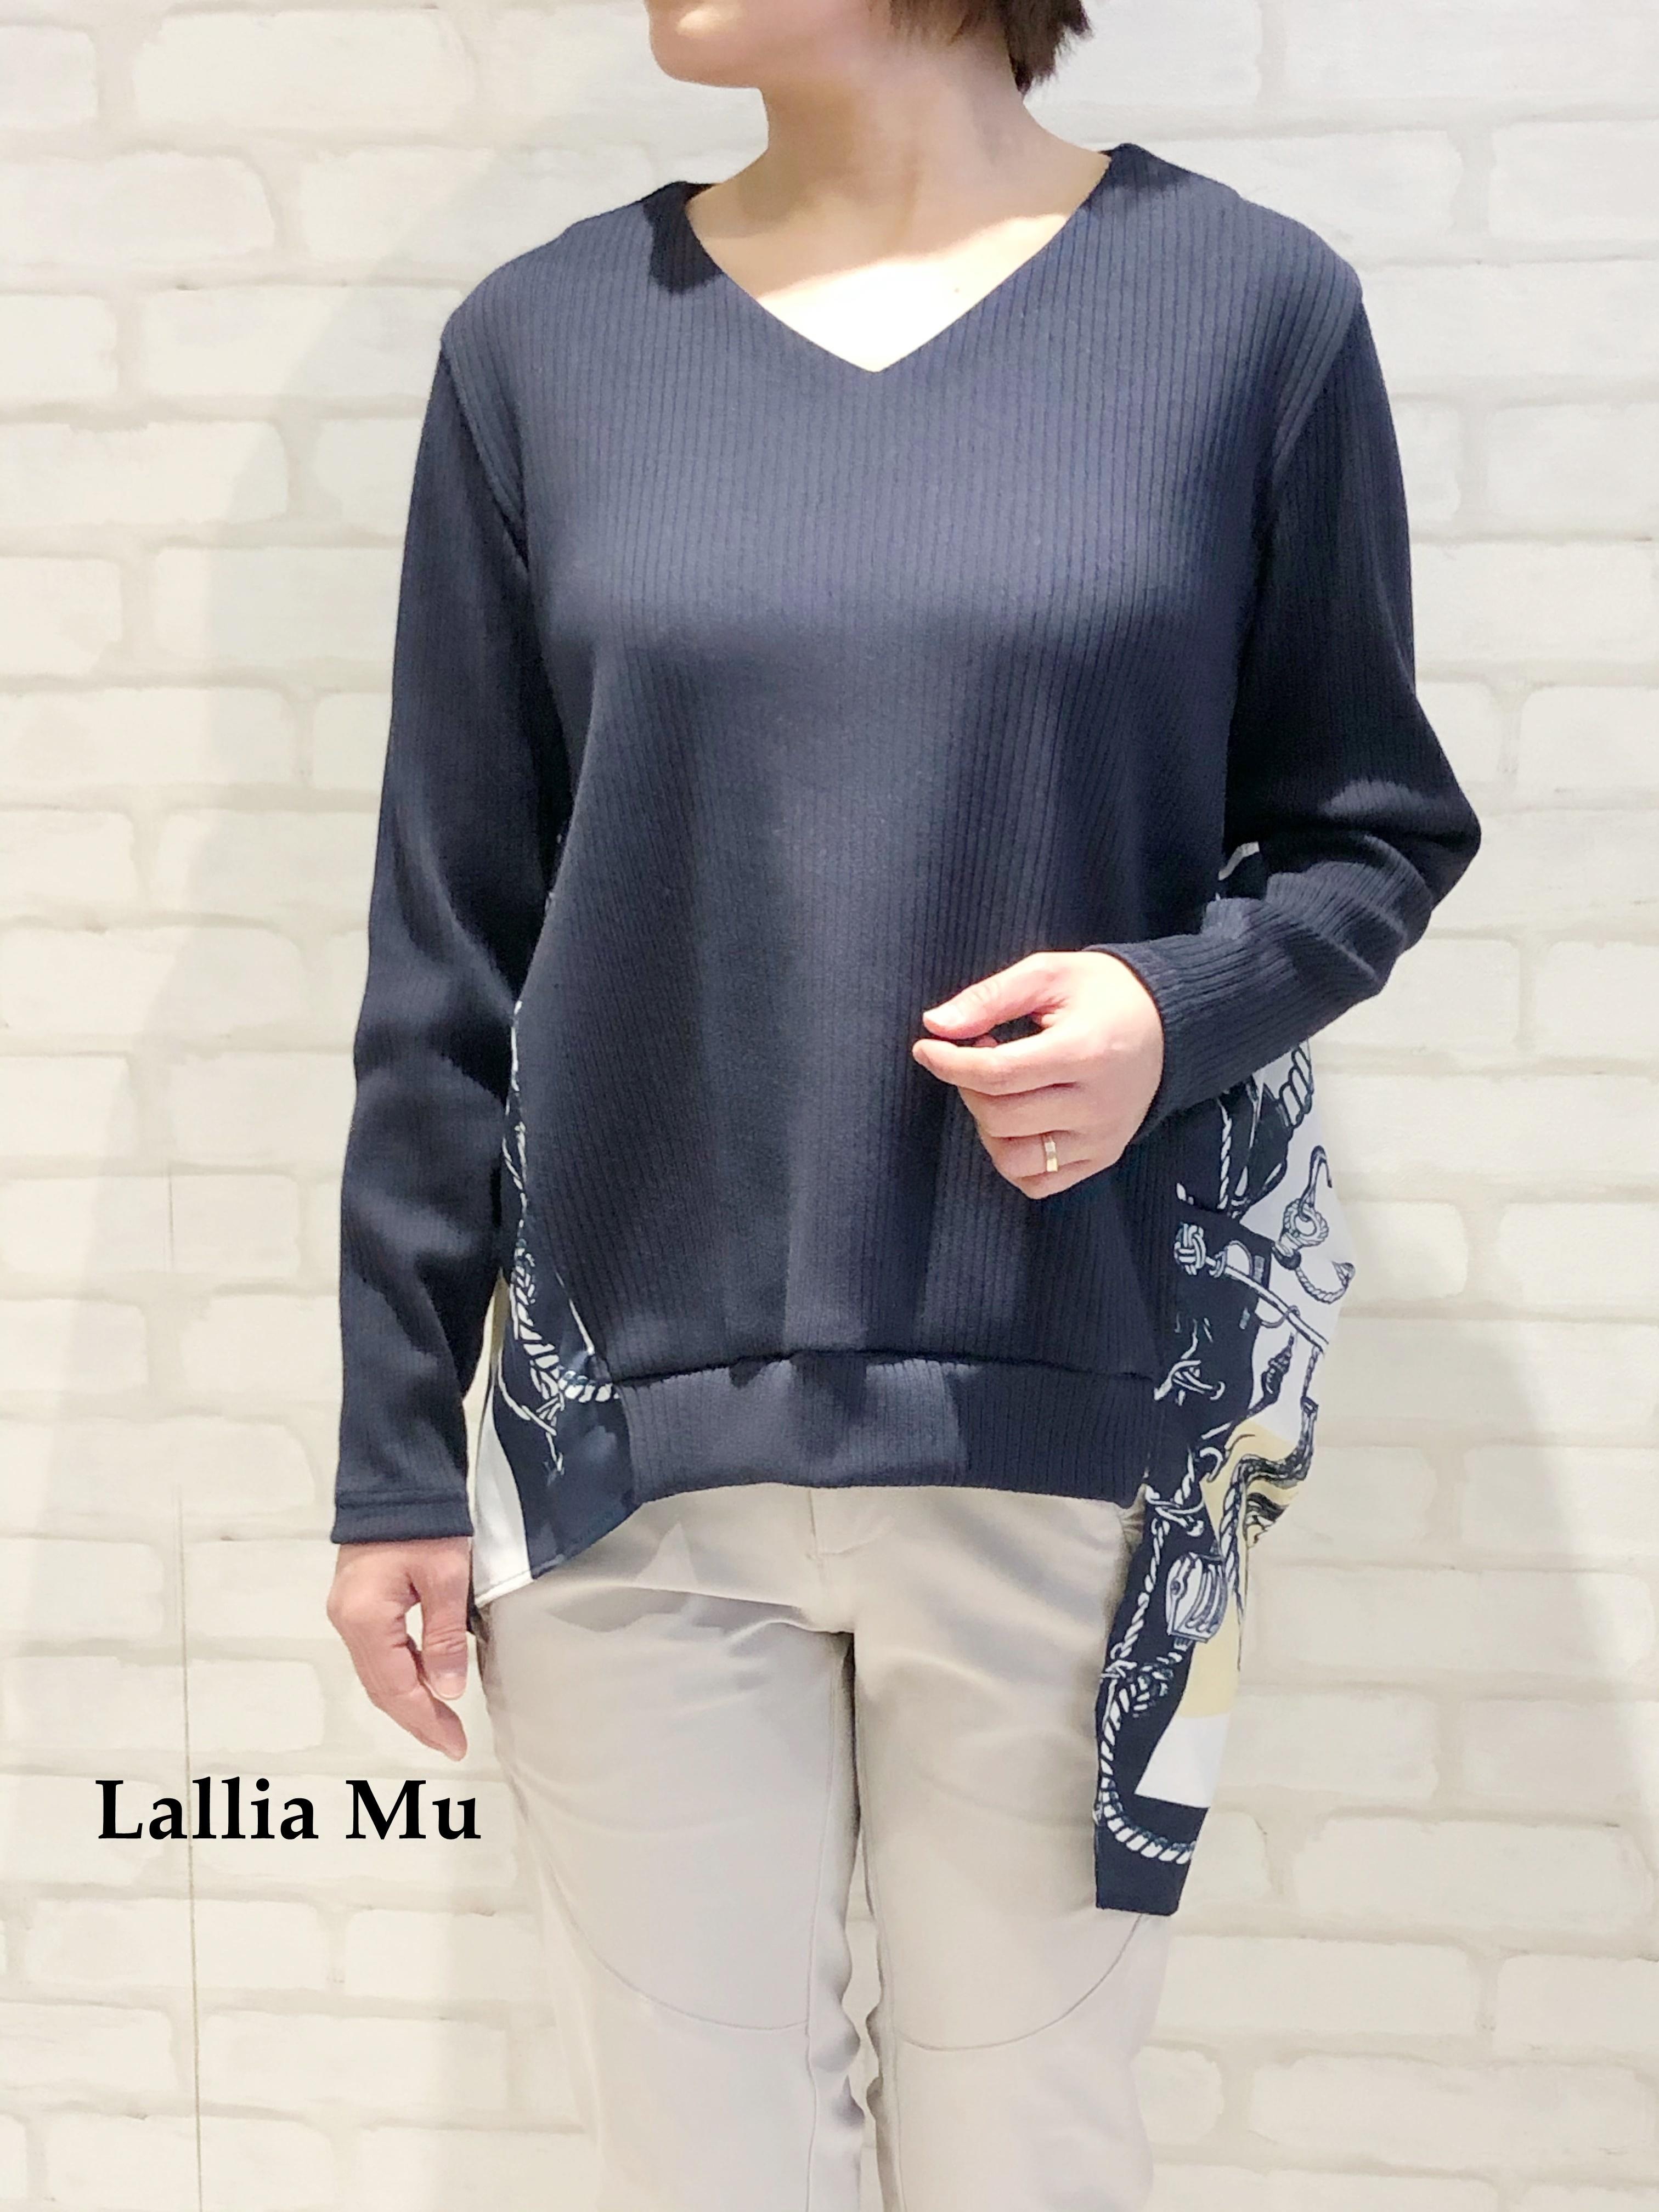 Lallia Mu/2111444